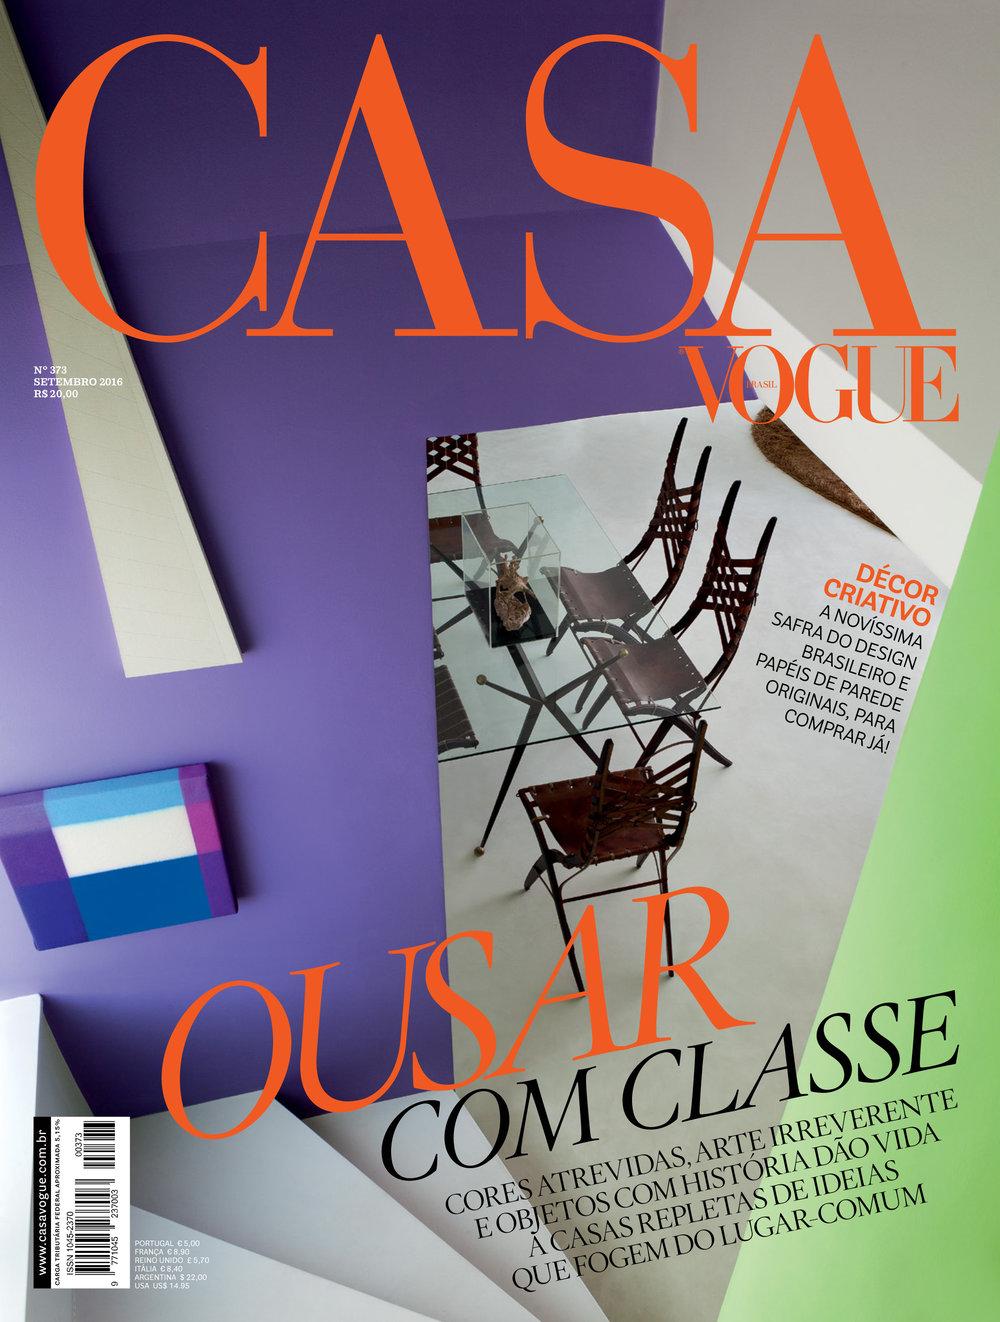 Casa Vogue, September 2016